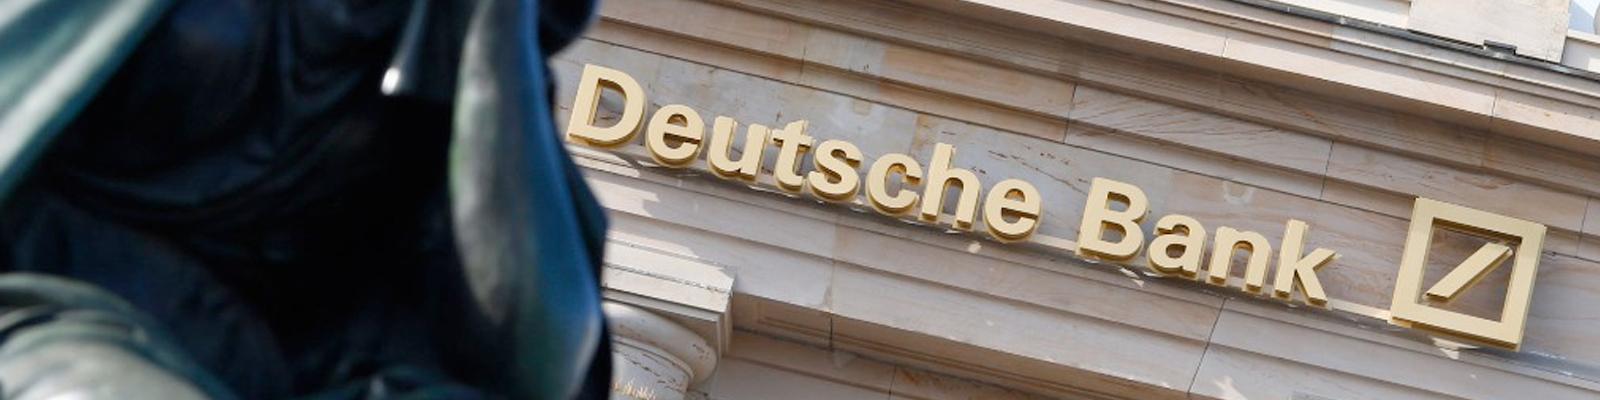 Deutsche Bank Concerns